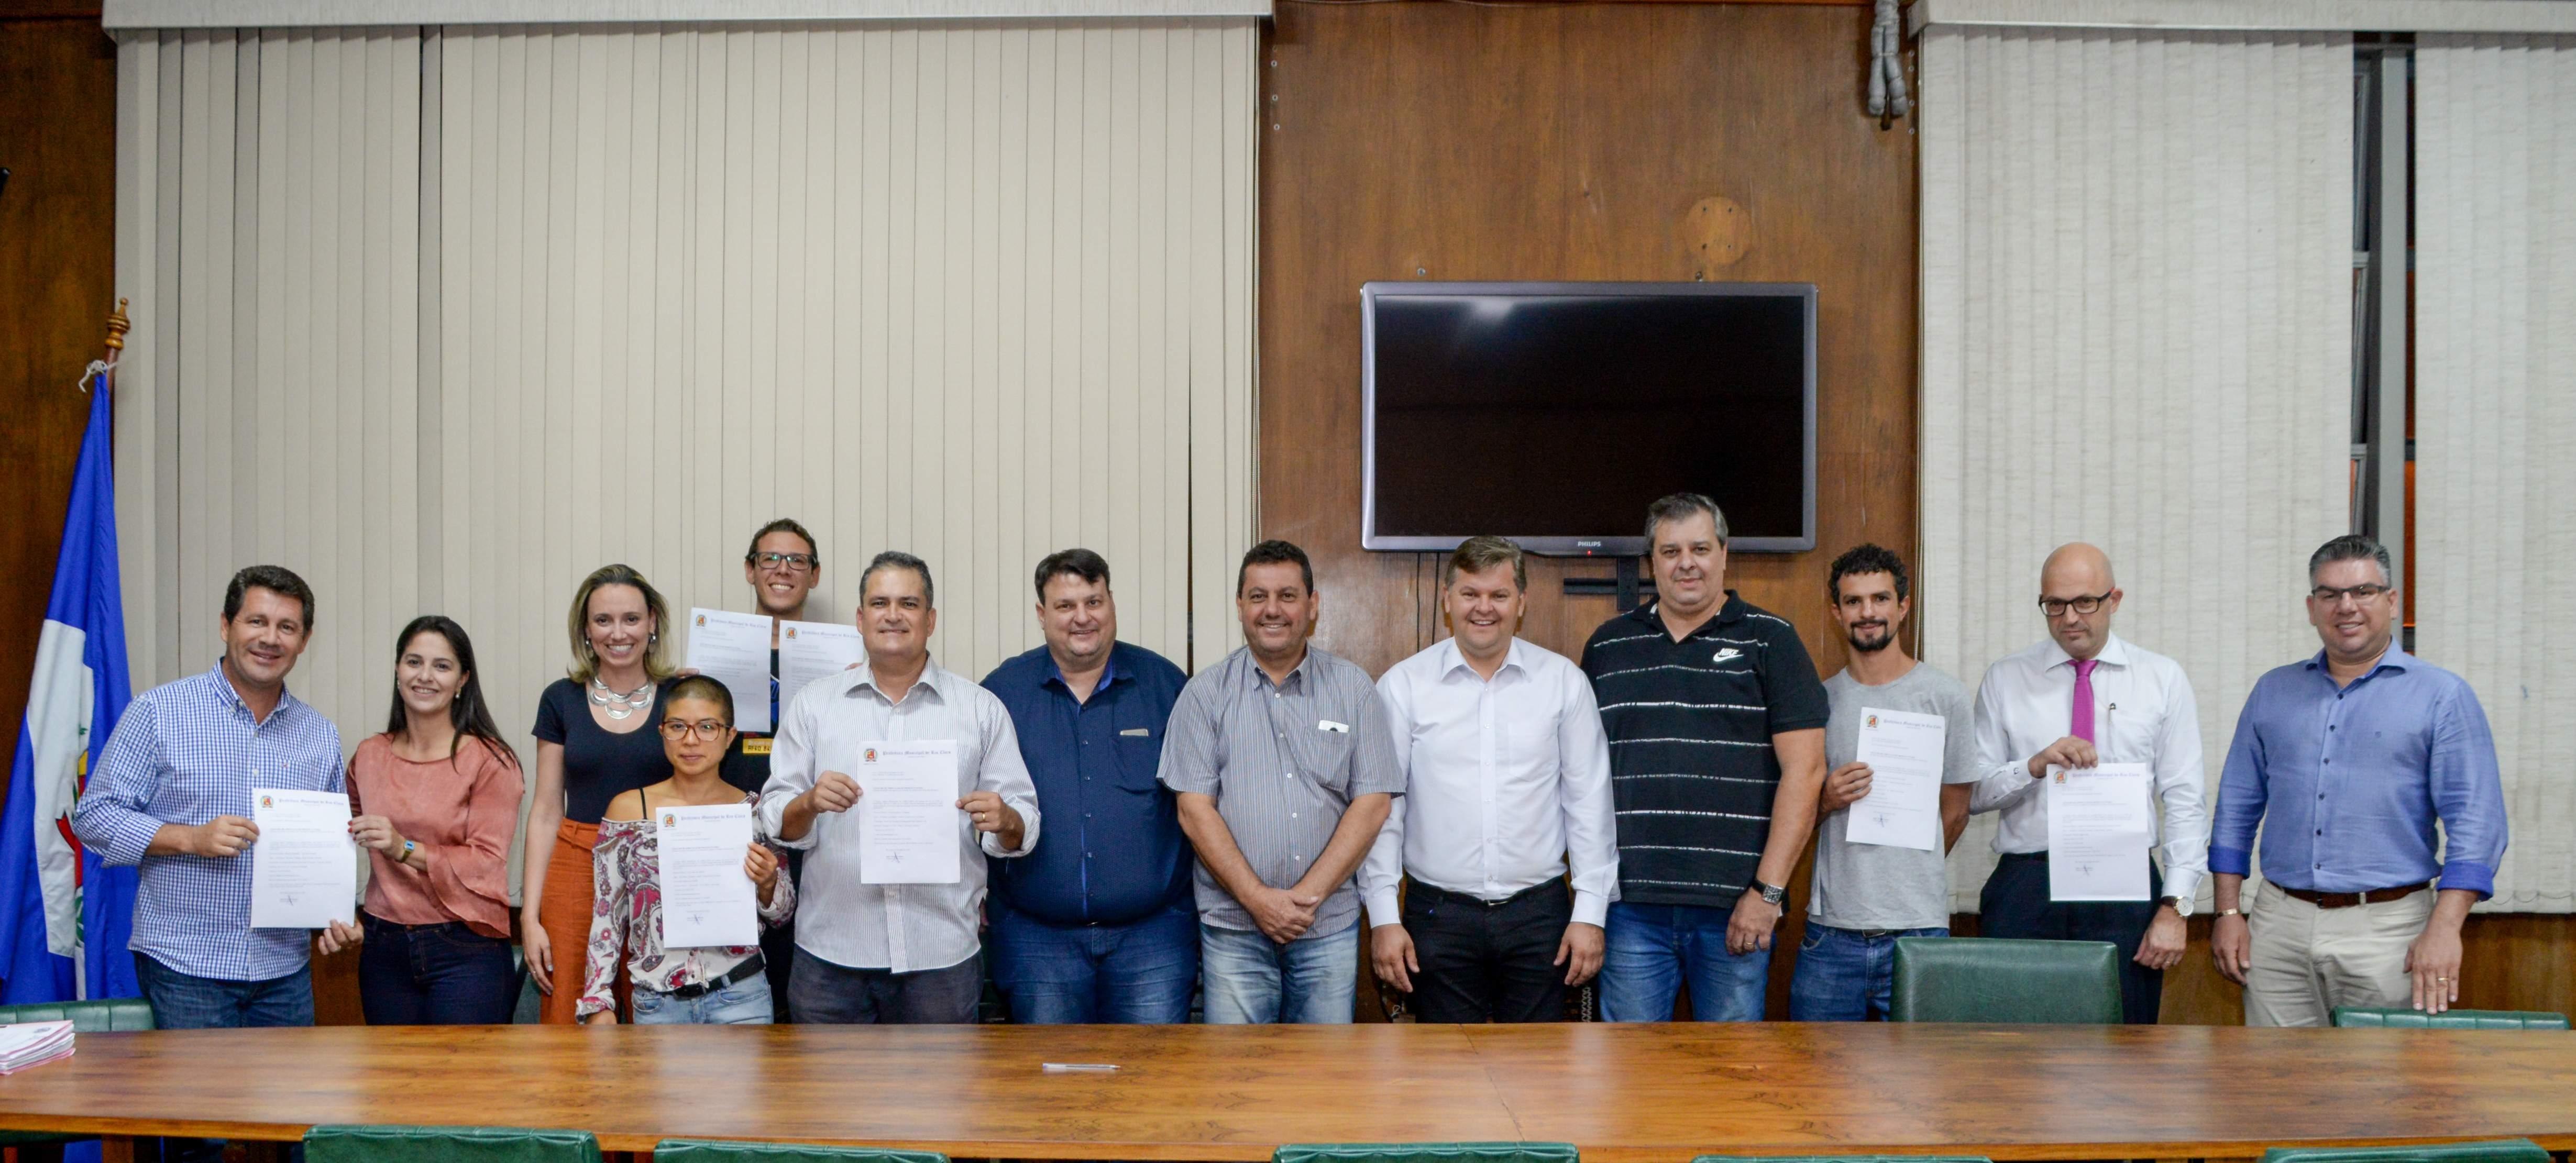 Rio Claro pretende investir R$ 680,3 mil em projetos esportivos e culturais